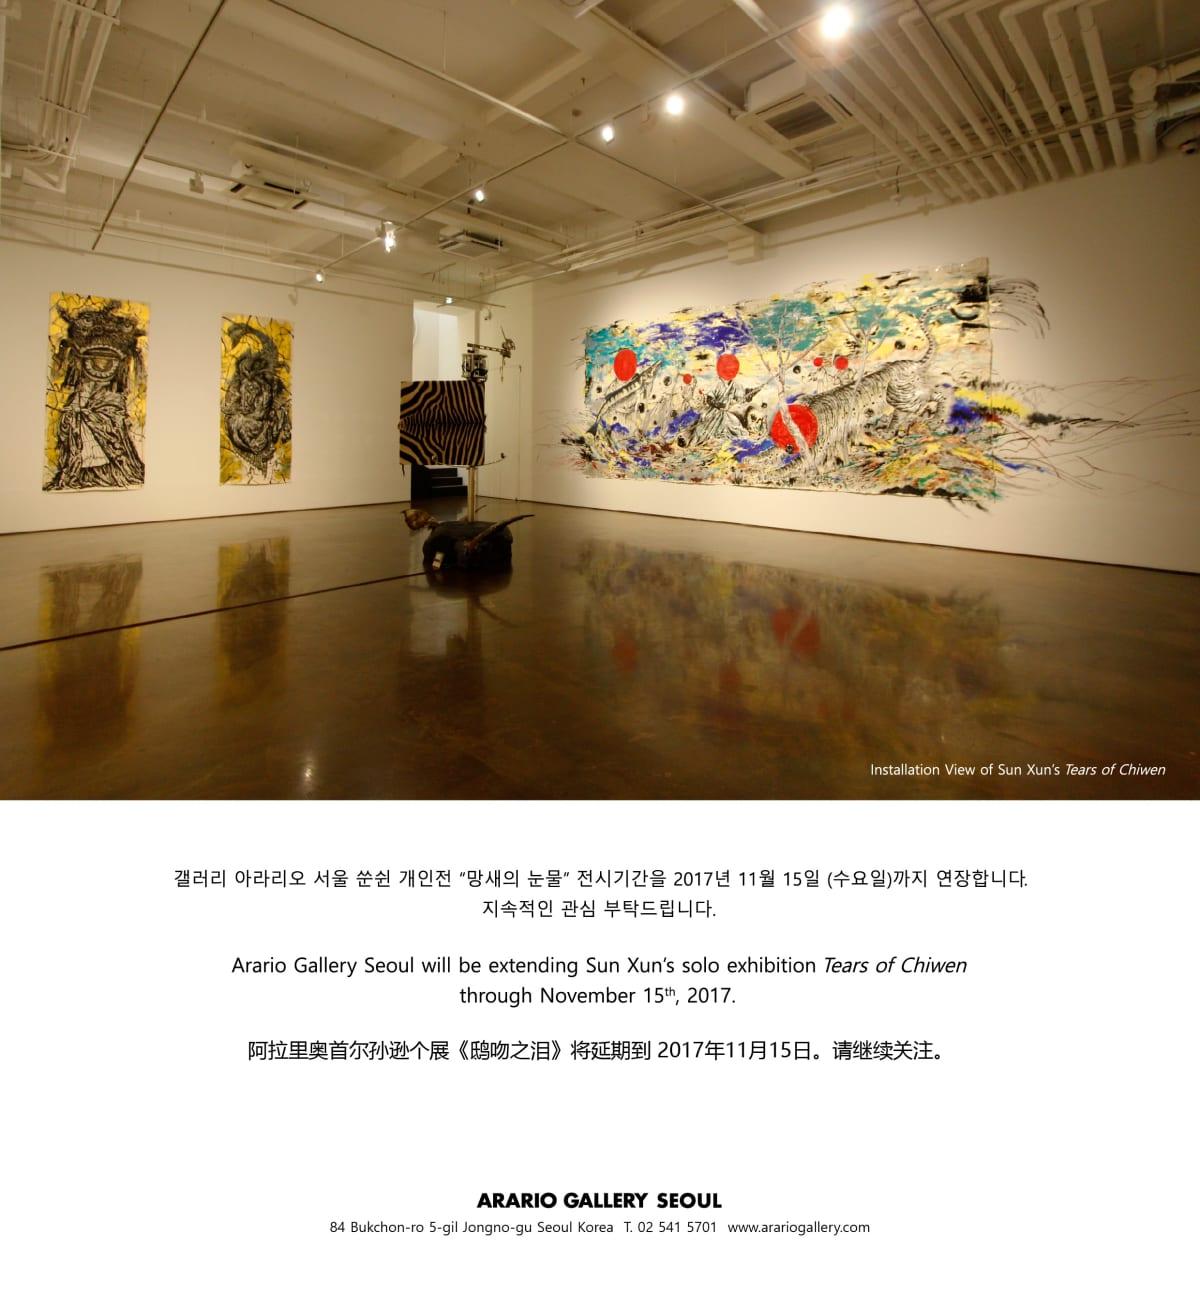 [Gallery] Exhibition Notice